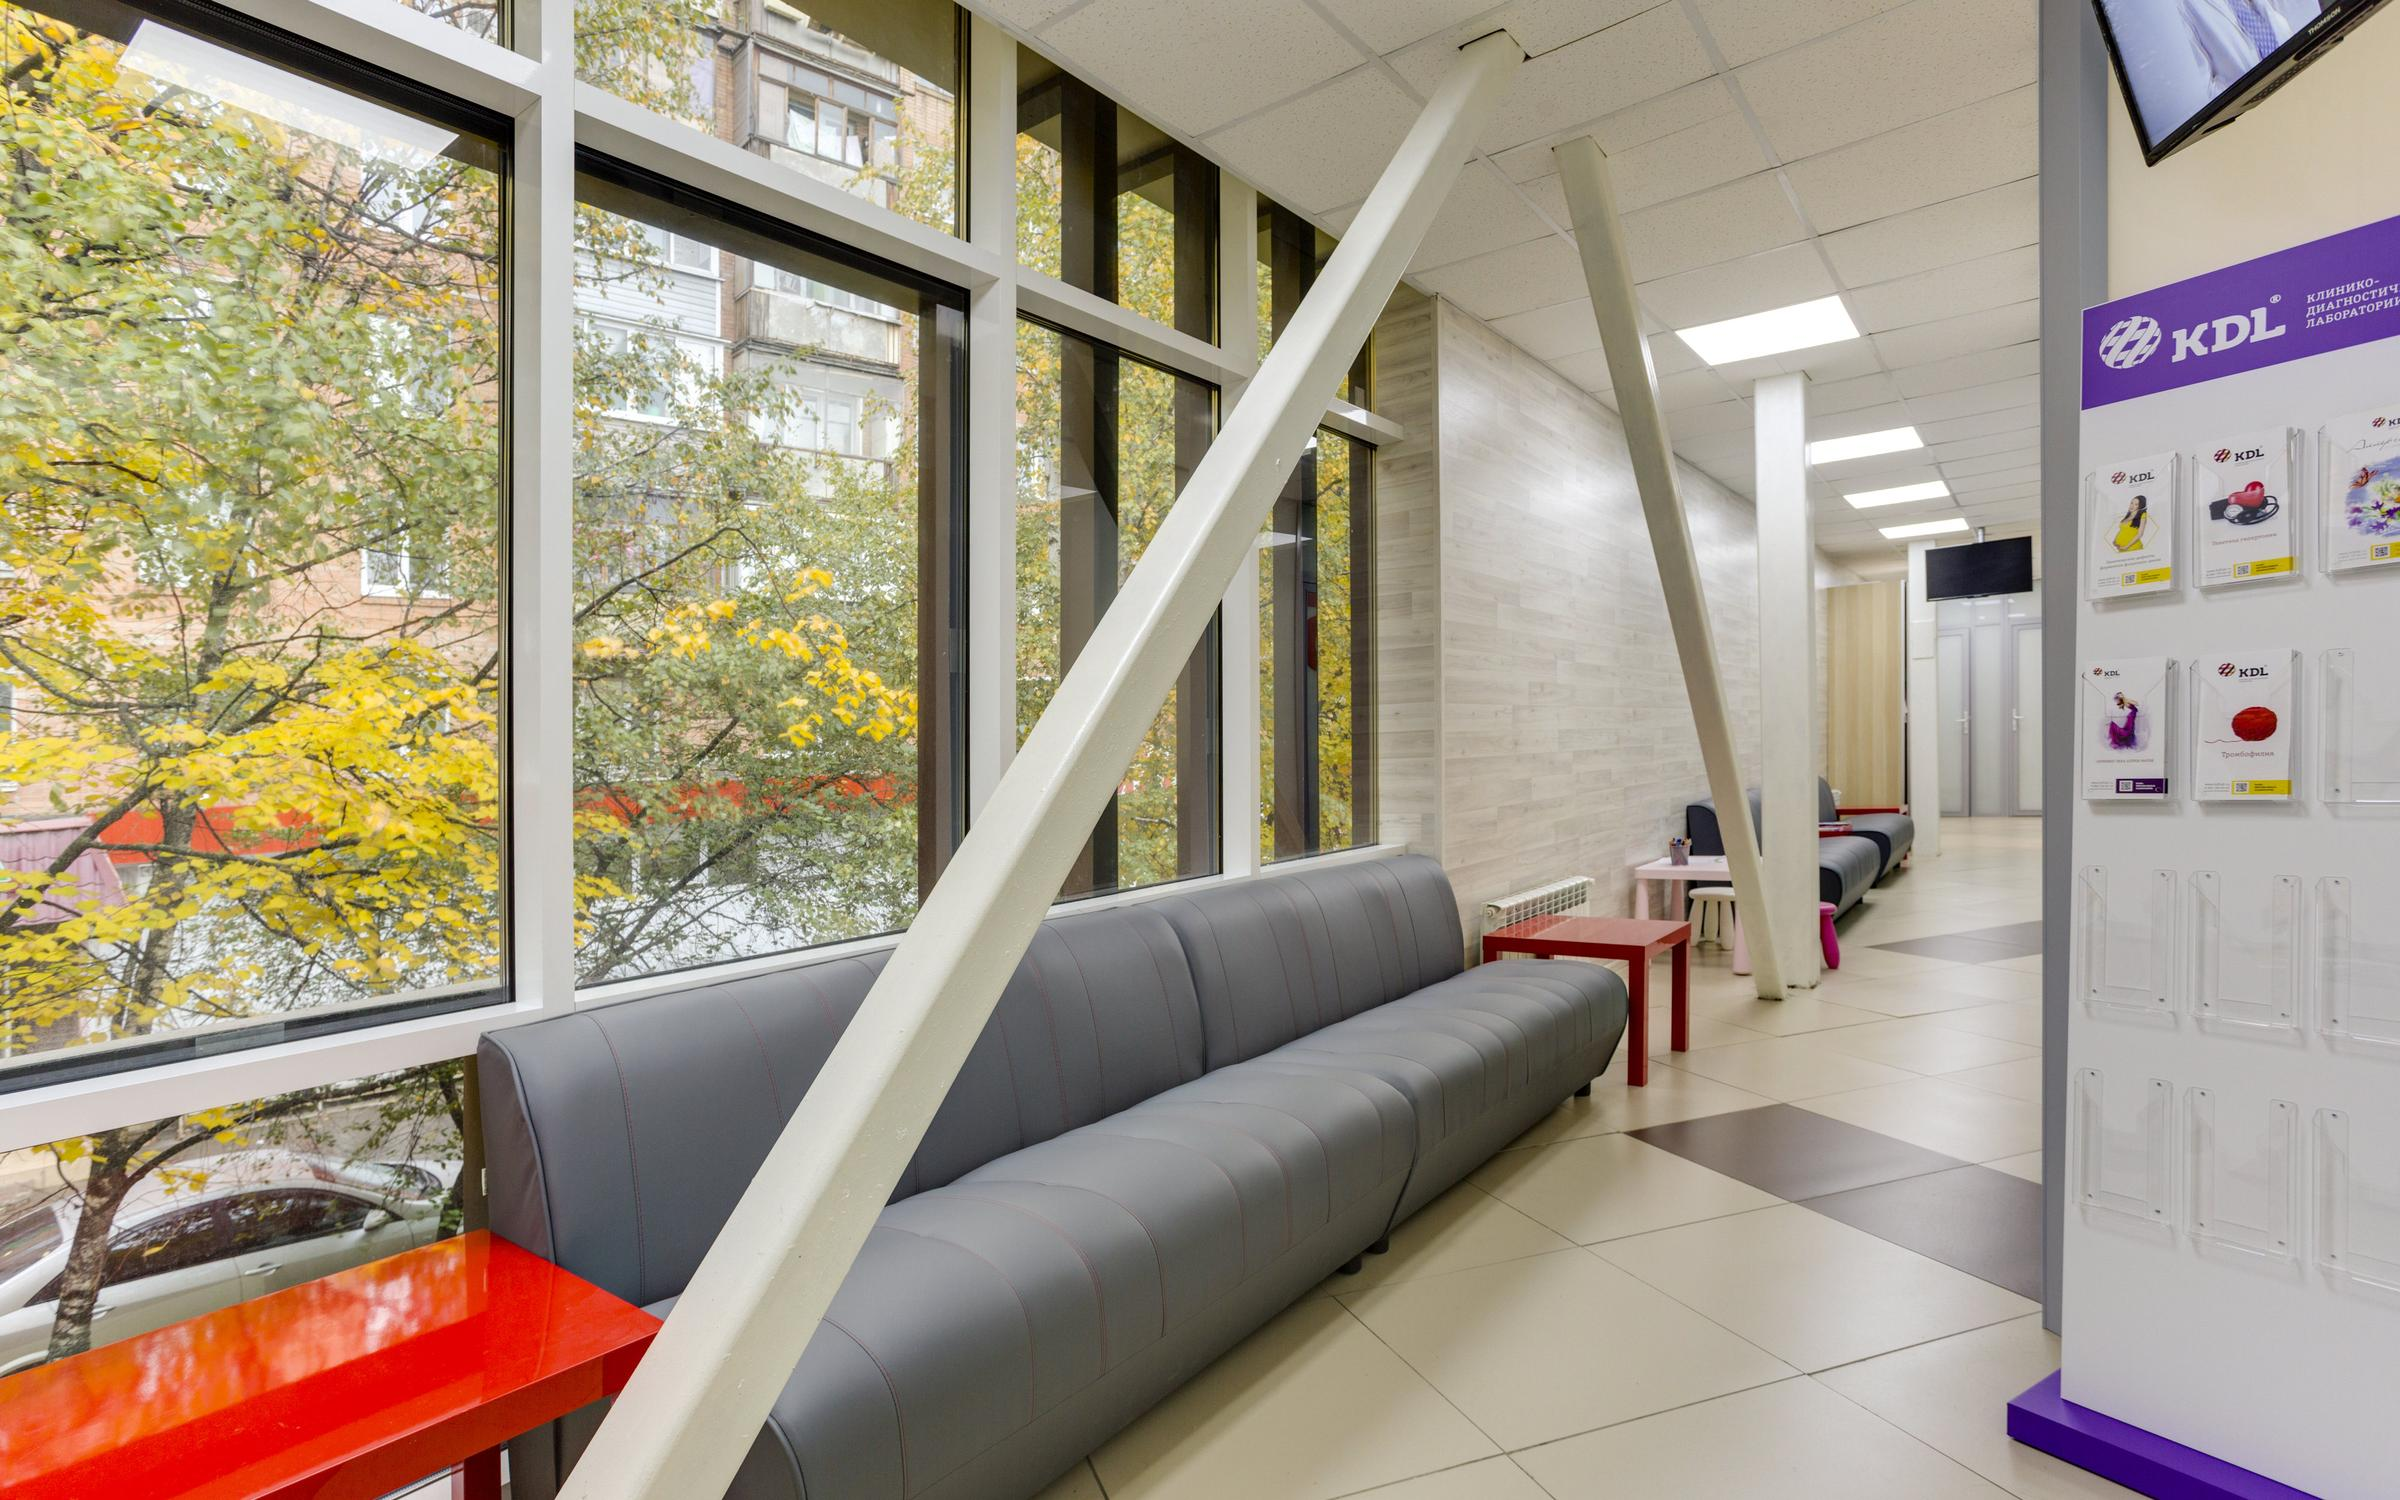 фотография Европейского лечебно-диагностического центра АТЕ клиник на Юбилейном проспекте в Химках